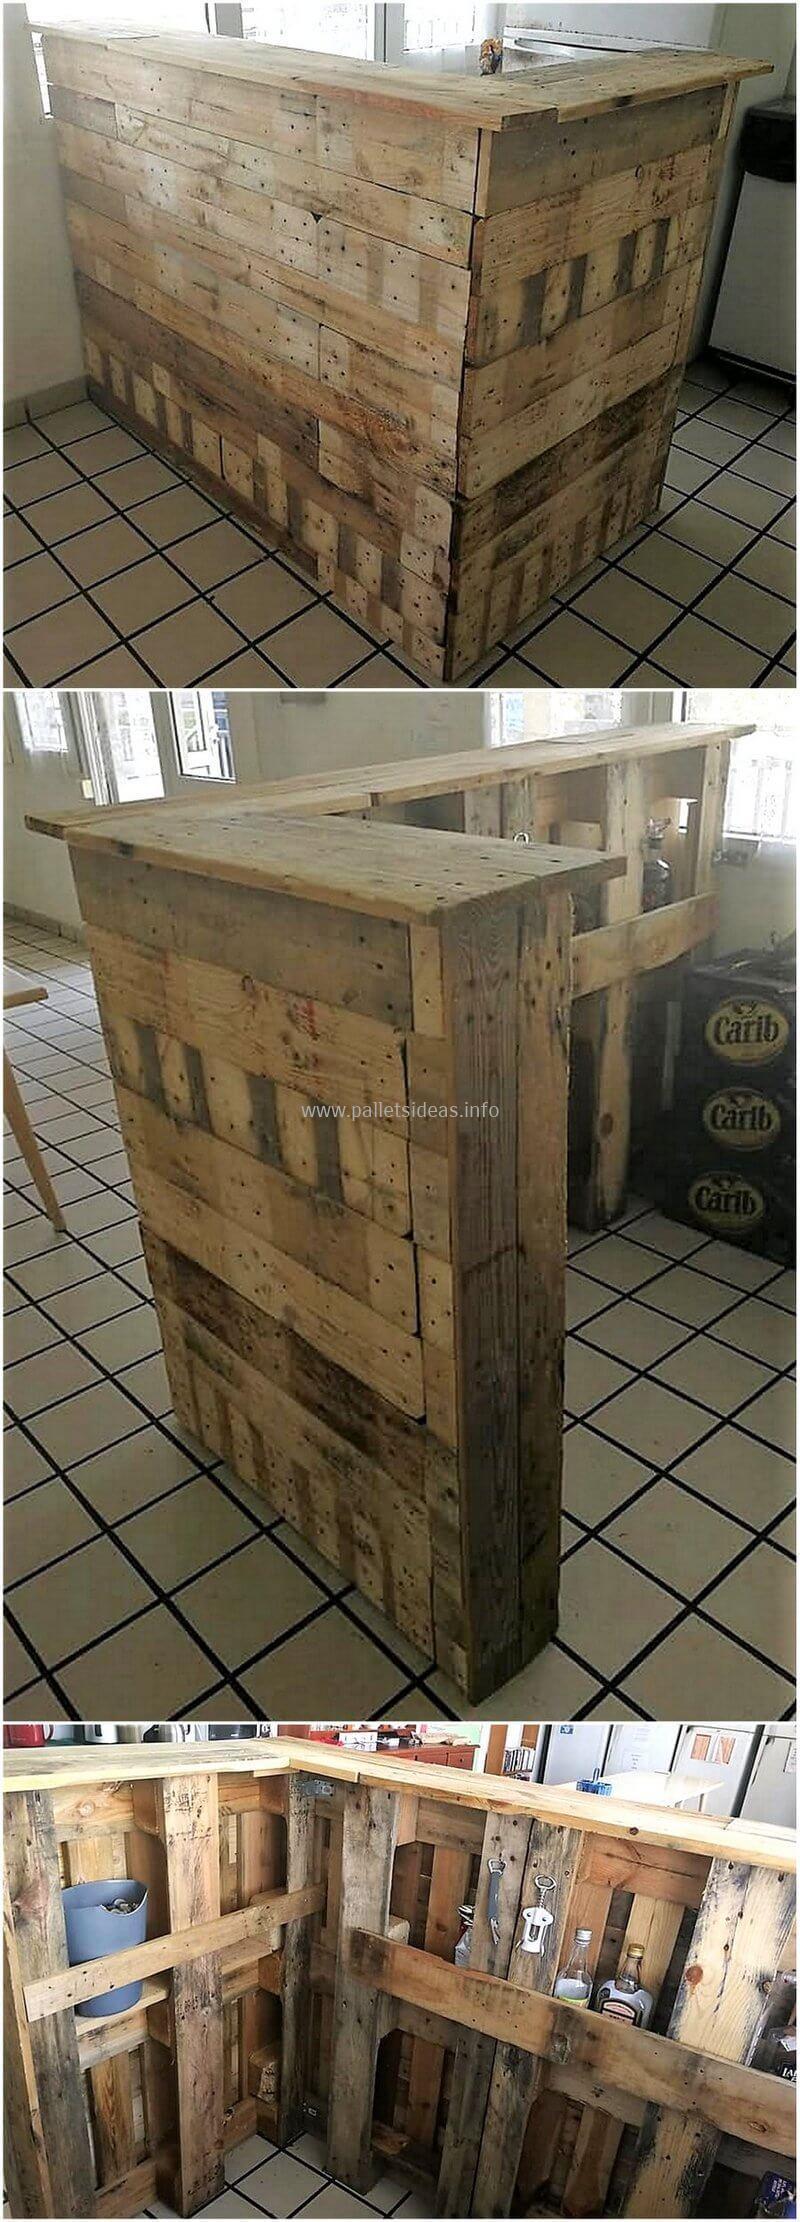 wood pallet bar plan 91